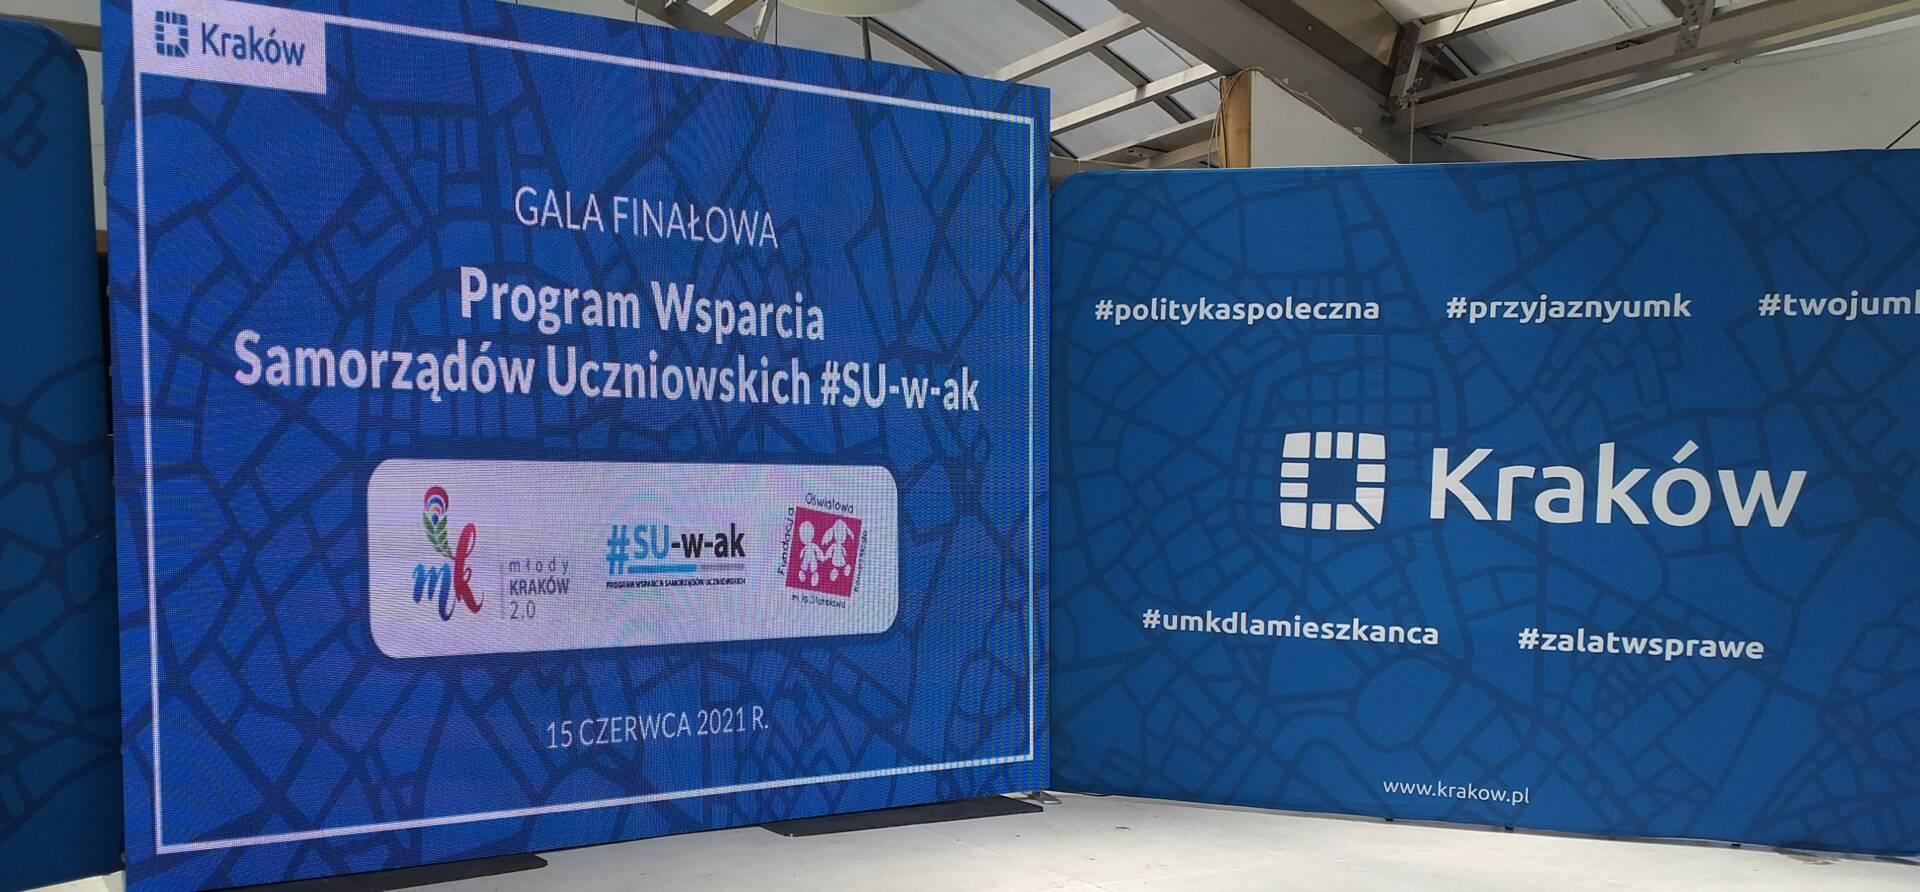 Gala Finałowa Programu #SU-w-ak